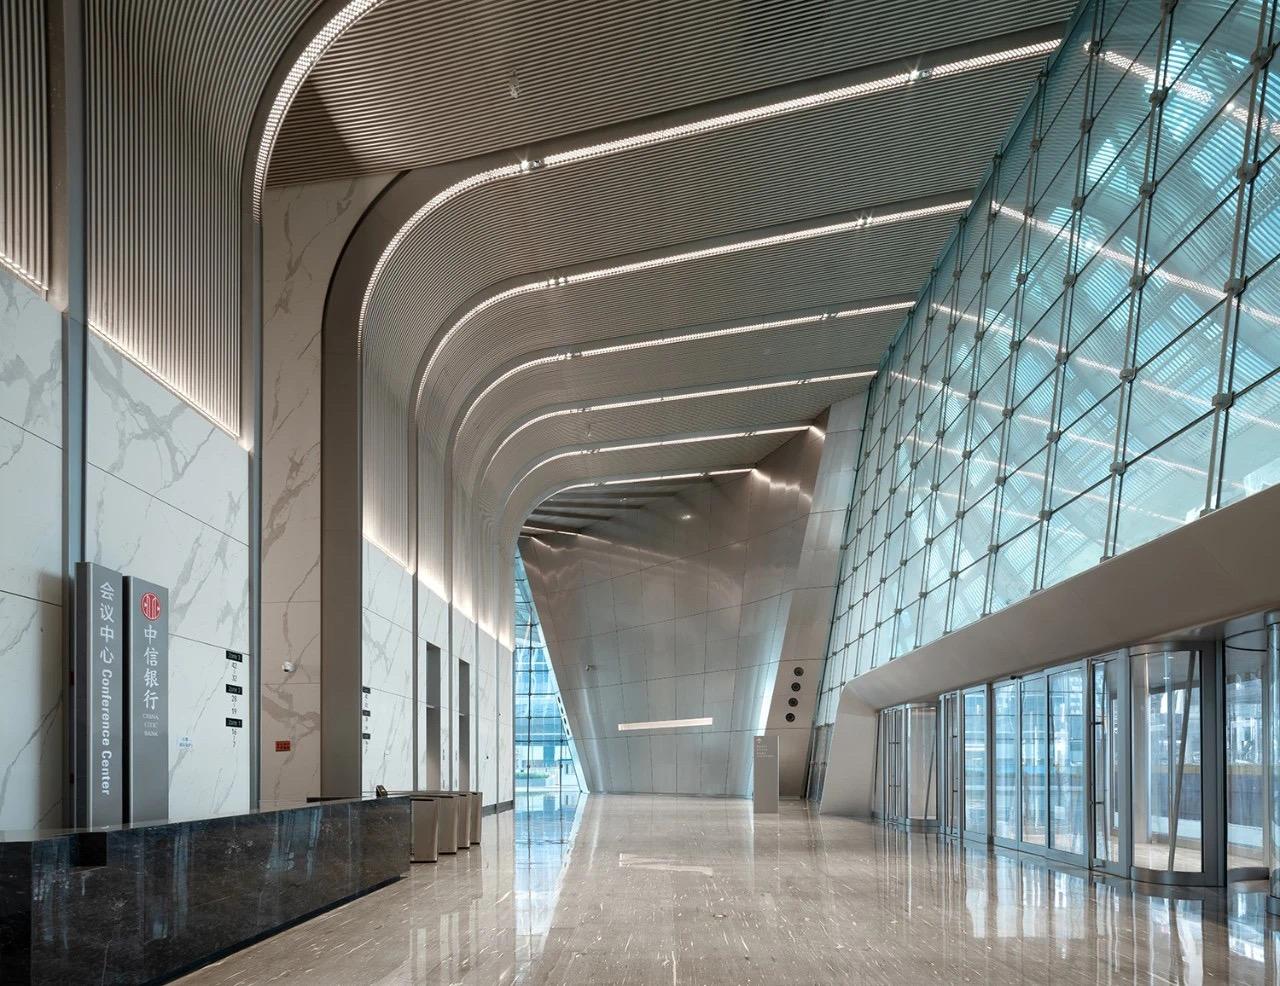 2020年中国建筑工程装饰奖揭晓 金螳螂喜获丰收